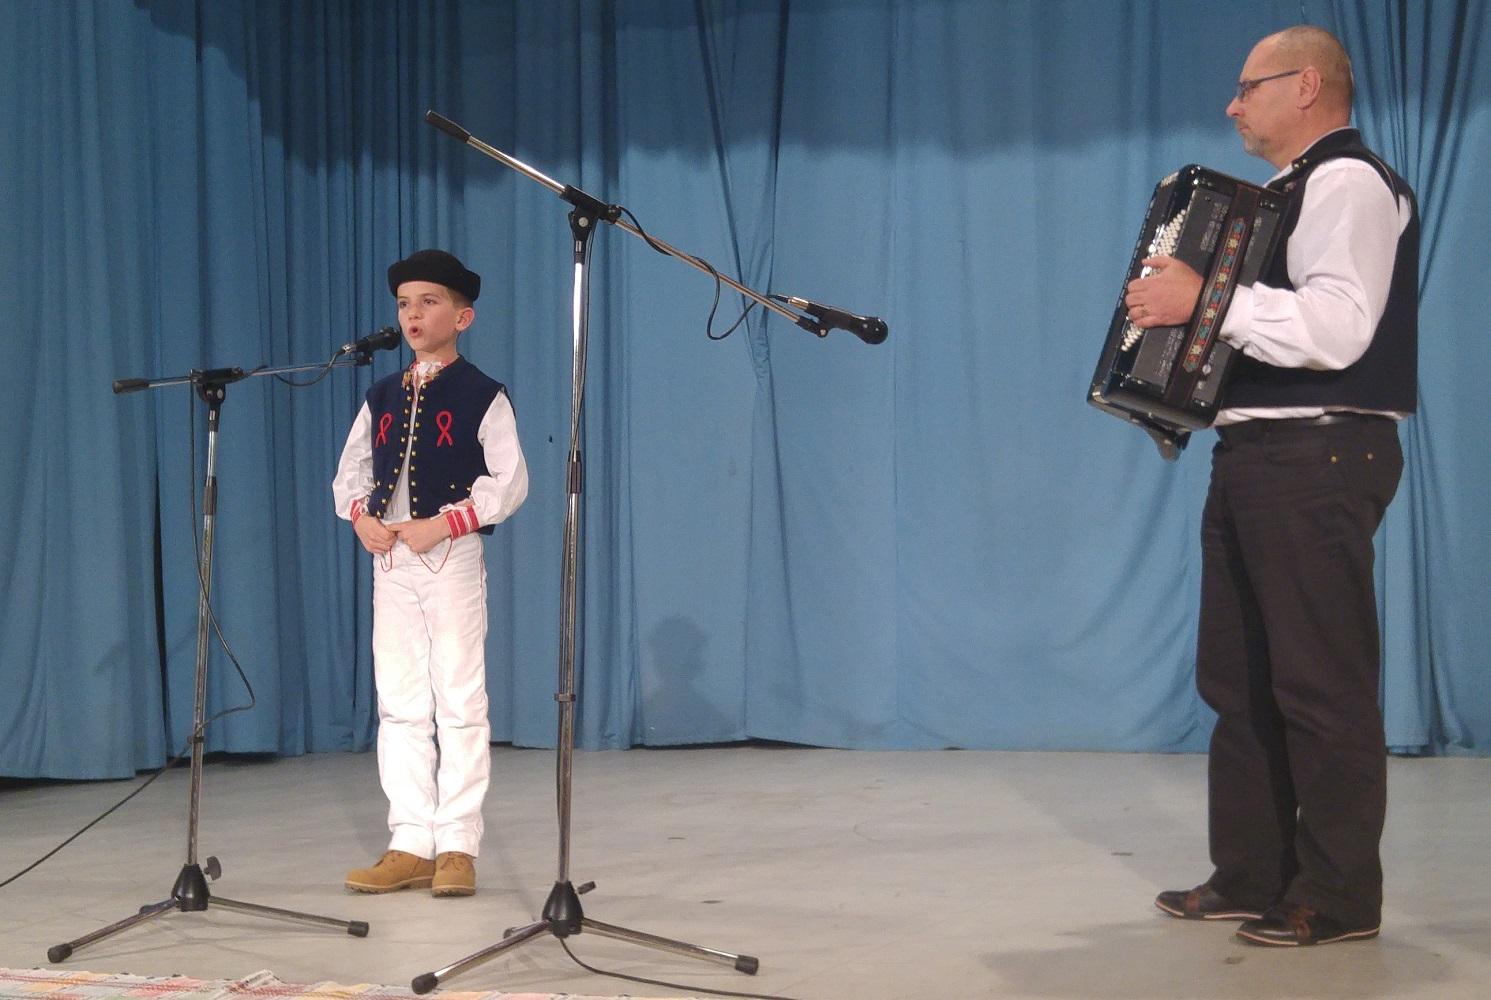 П. Секей зо Шамброна, на гармошці грат Мілан Щыґуліньскій лідер ґрупы Шамбрінці